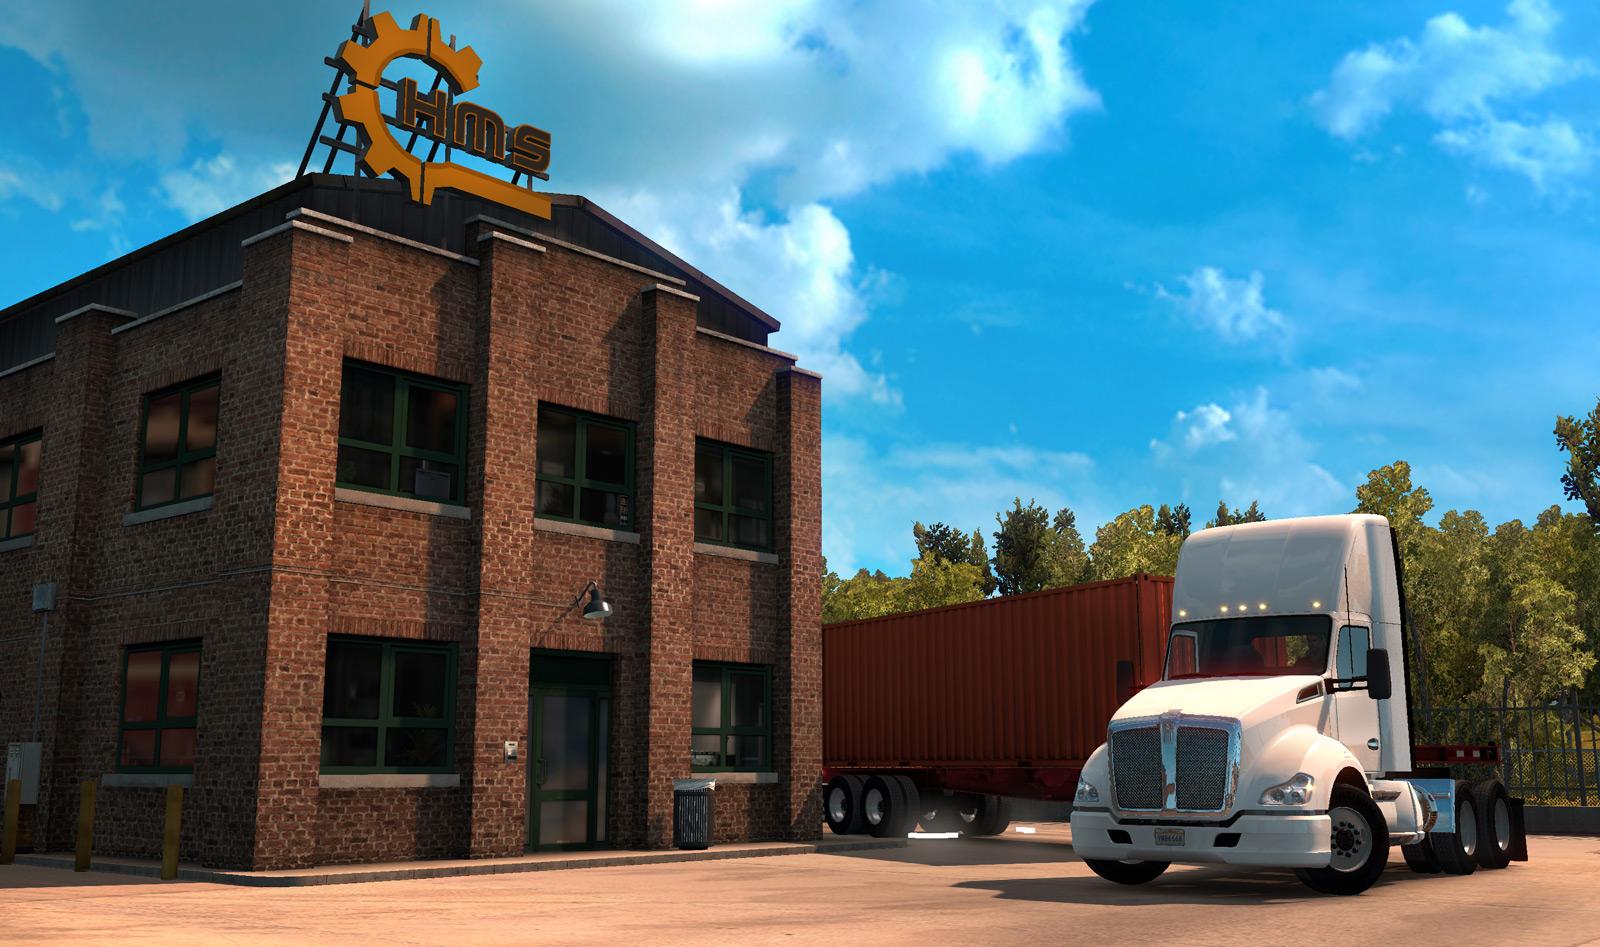 ATS_trailer_parking-20151030.jpg